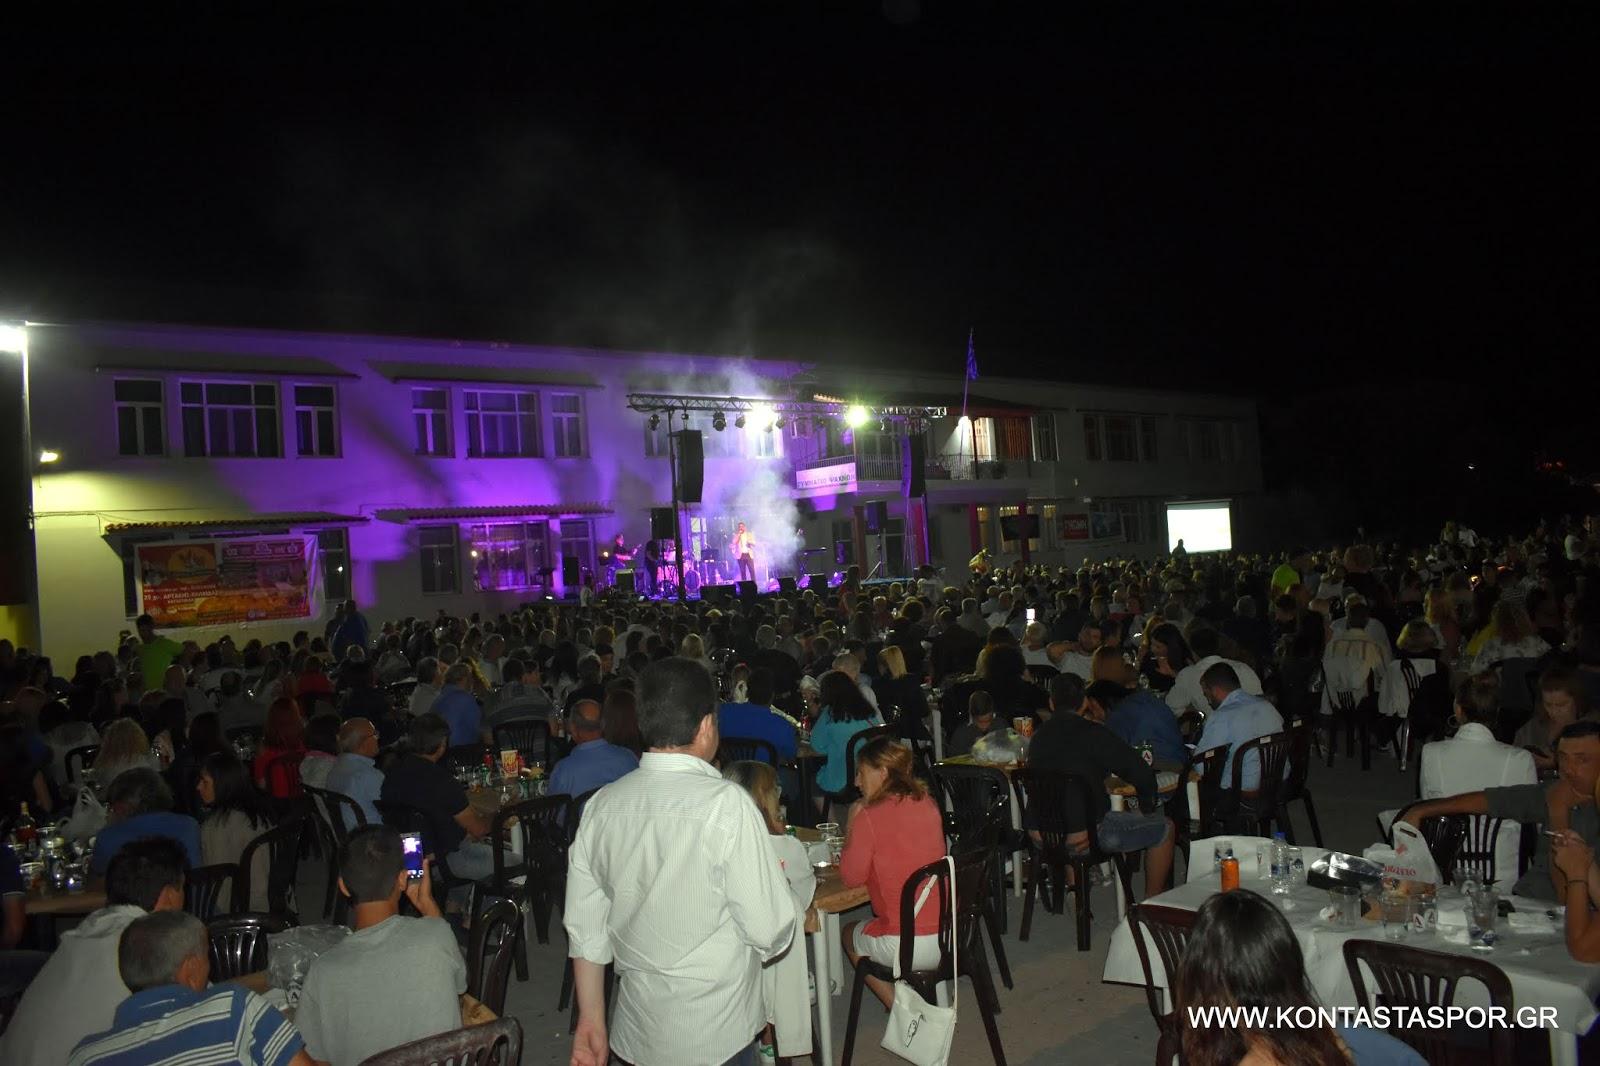 Με επιτυχία η λαική βραδιά  Αδαμαντίδη στα Ψαχνά (φωτογραφίες) 1 DSC 0109